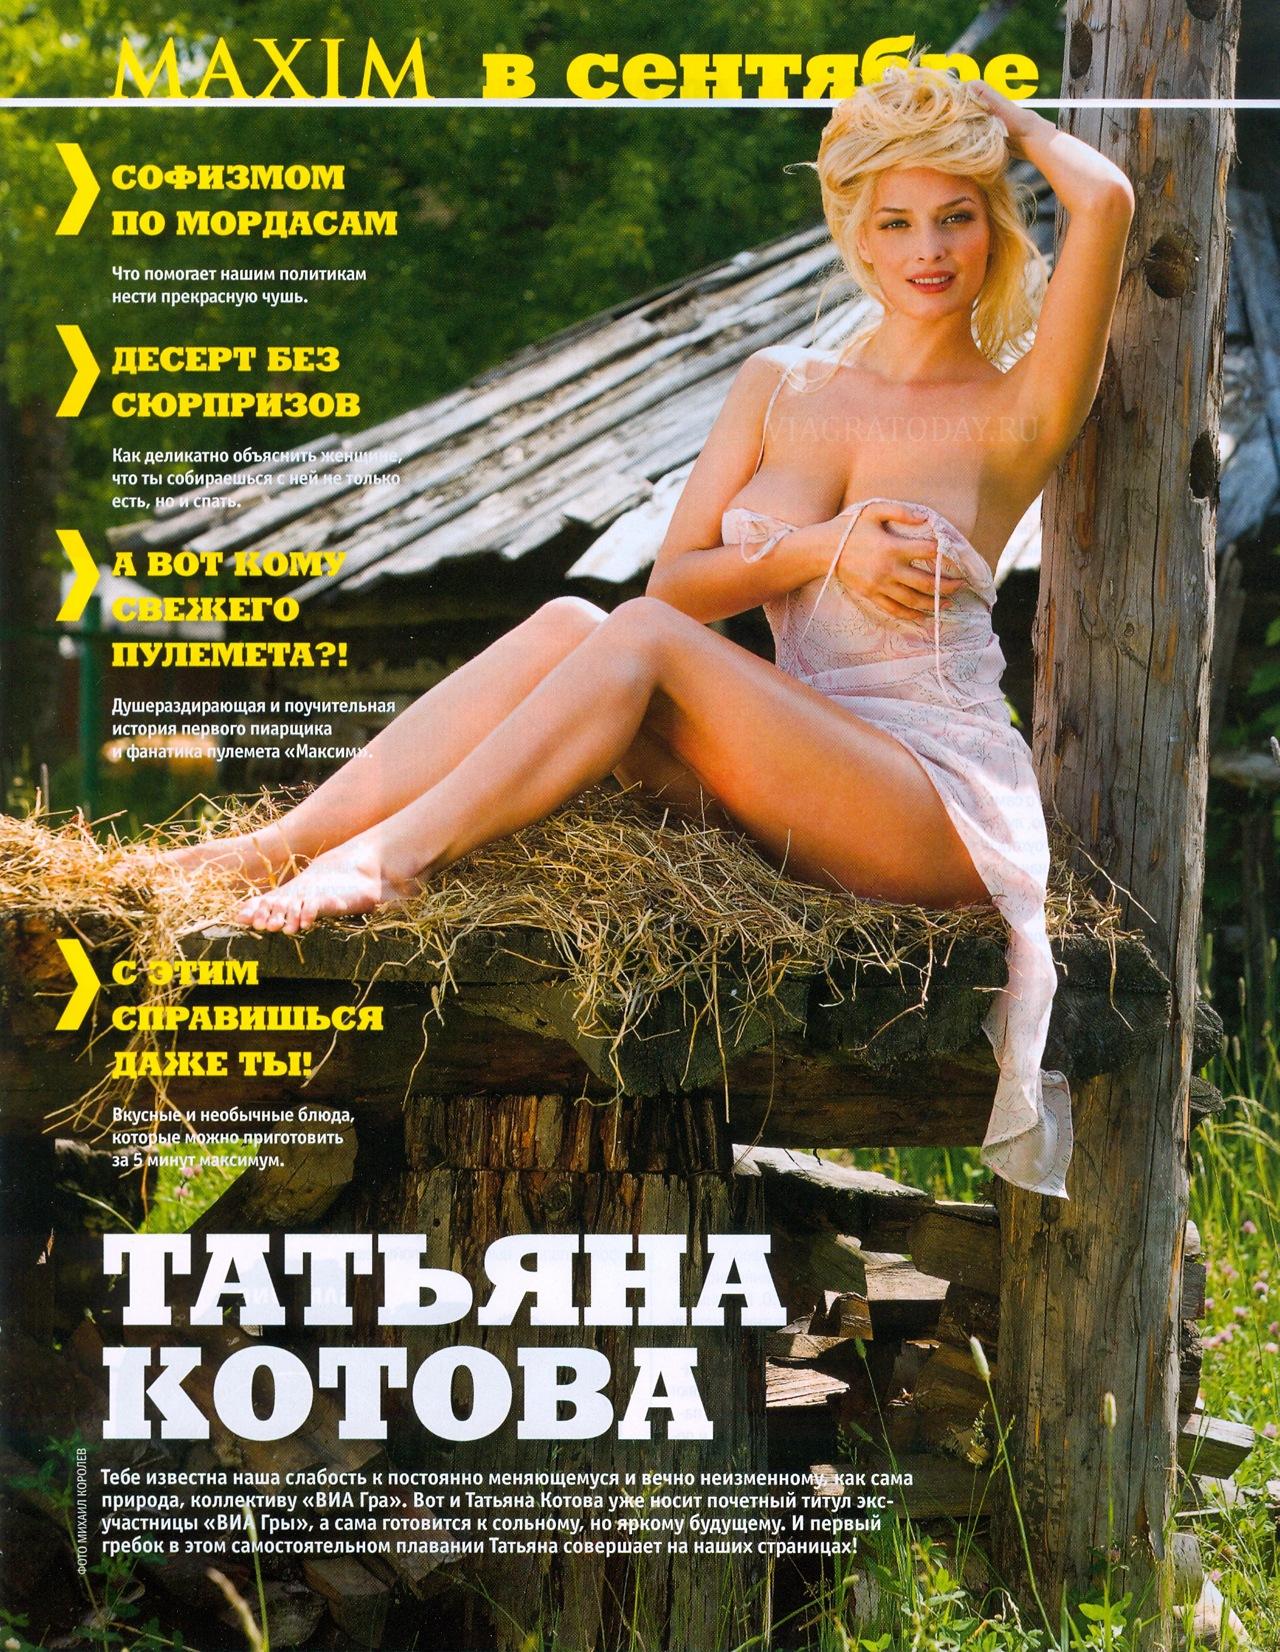 Татьяна котова засветилась голой 17 фотография